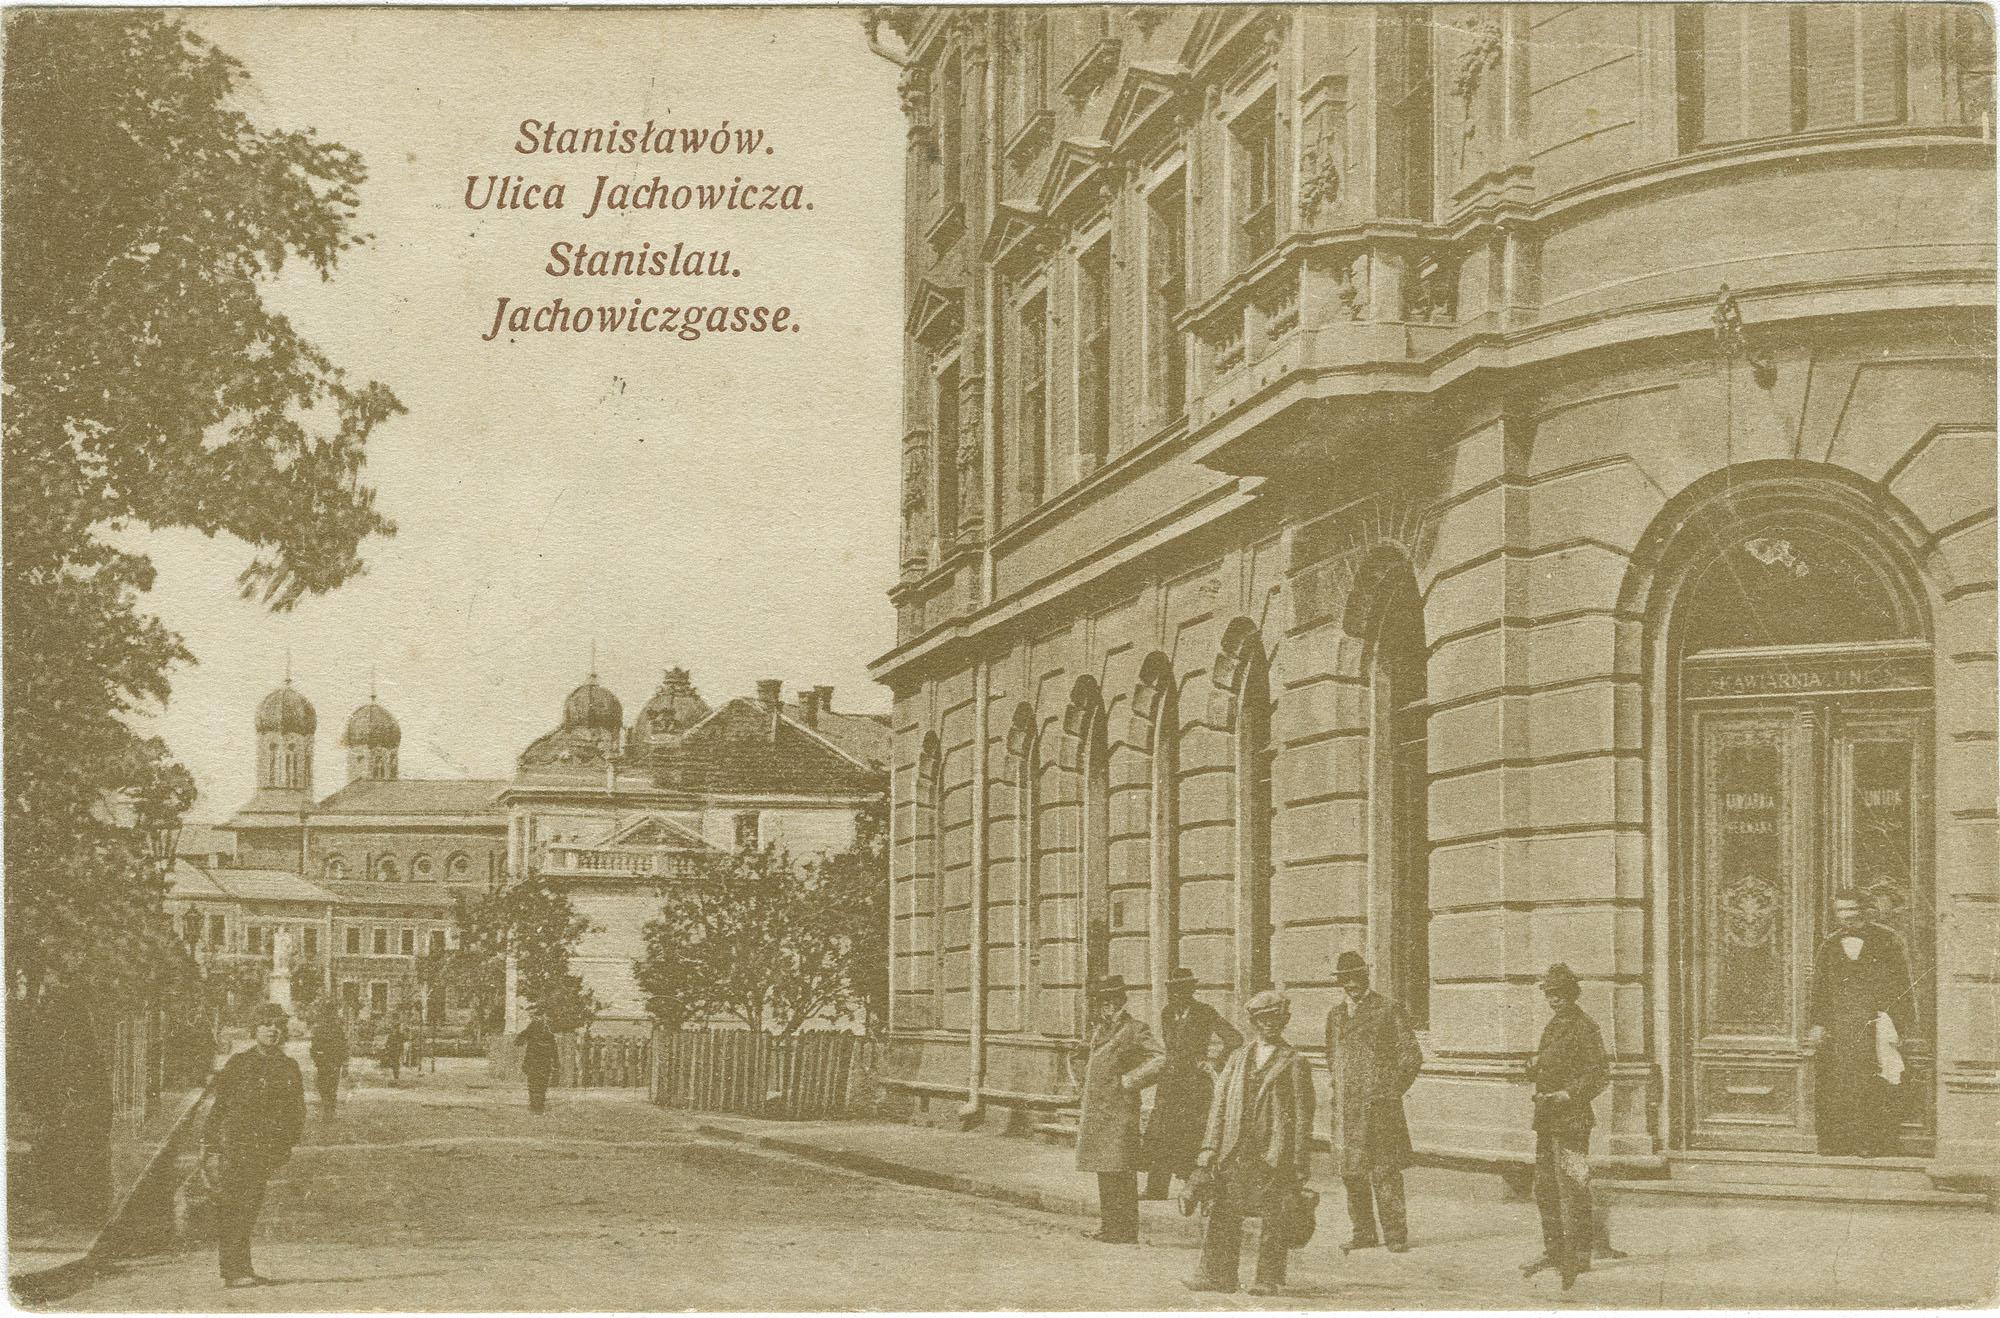 Stanisławów. Ulica jachowicza. / Stanislau. Jachowiczgasse.